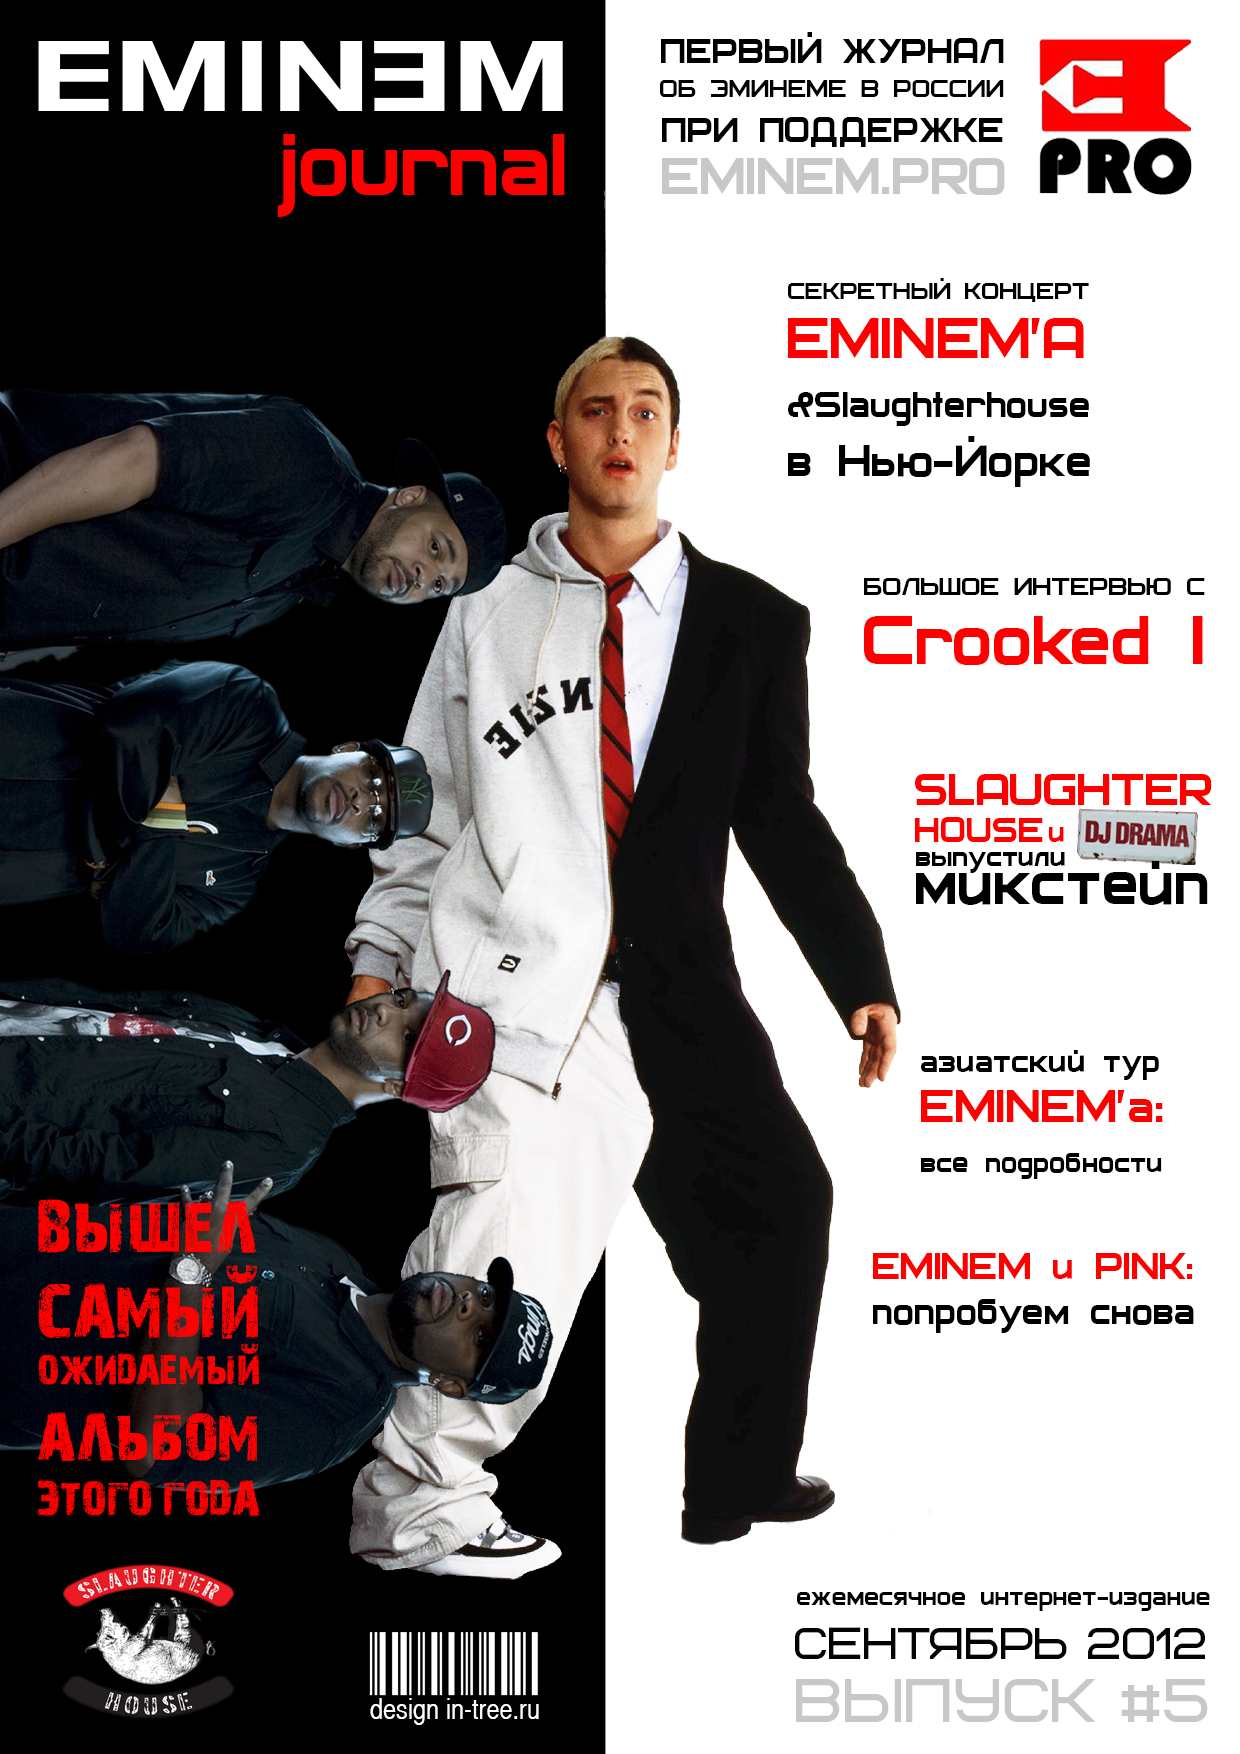 «EMINEM journal» 5